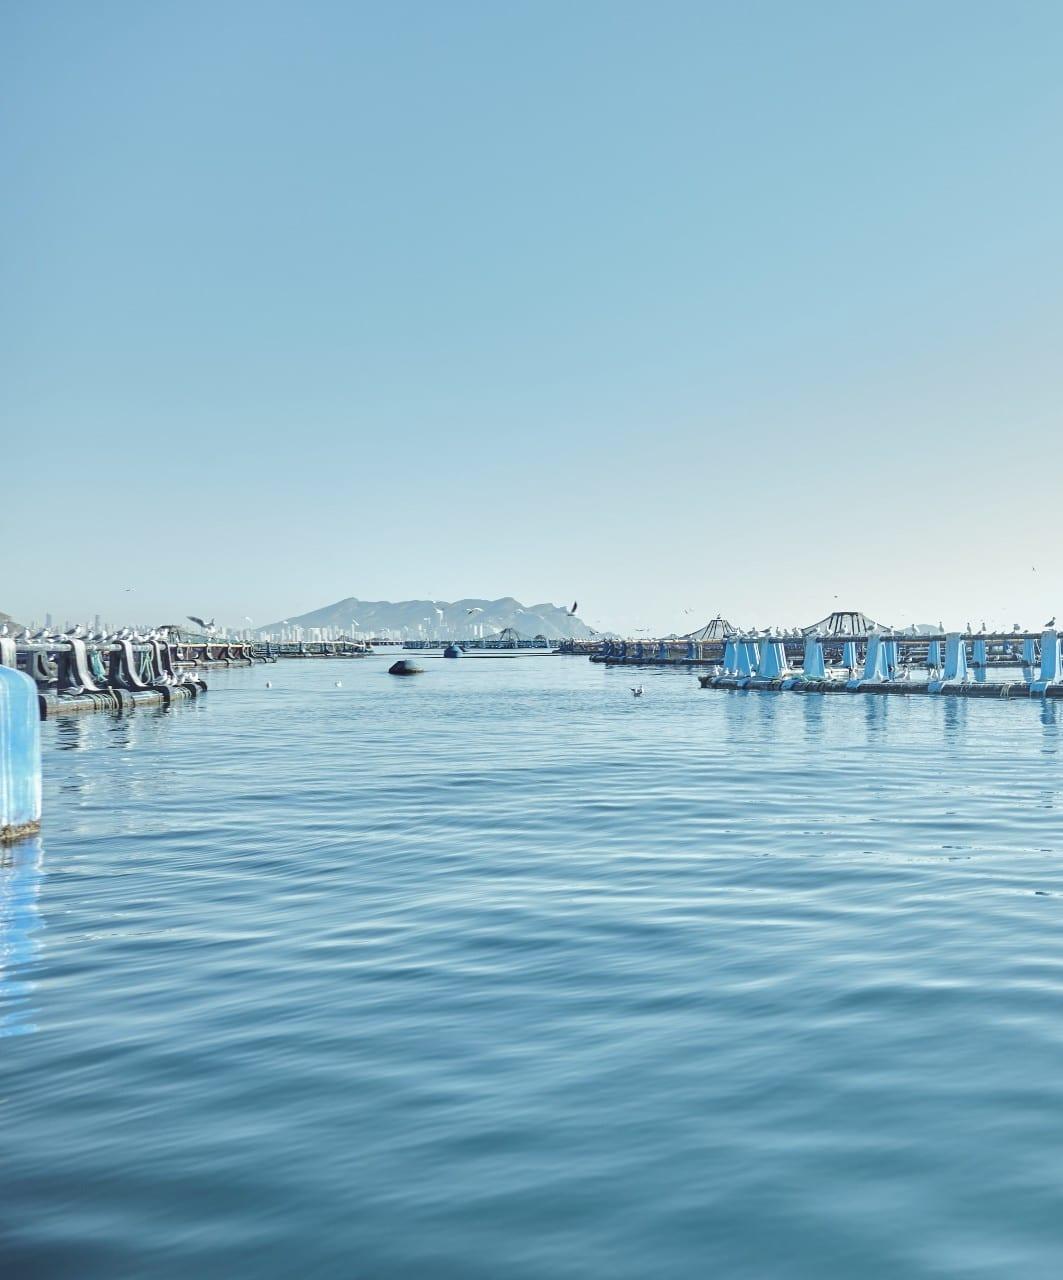 Acuicultura de españa en el mar mediterraneo